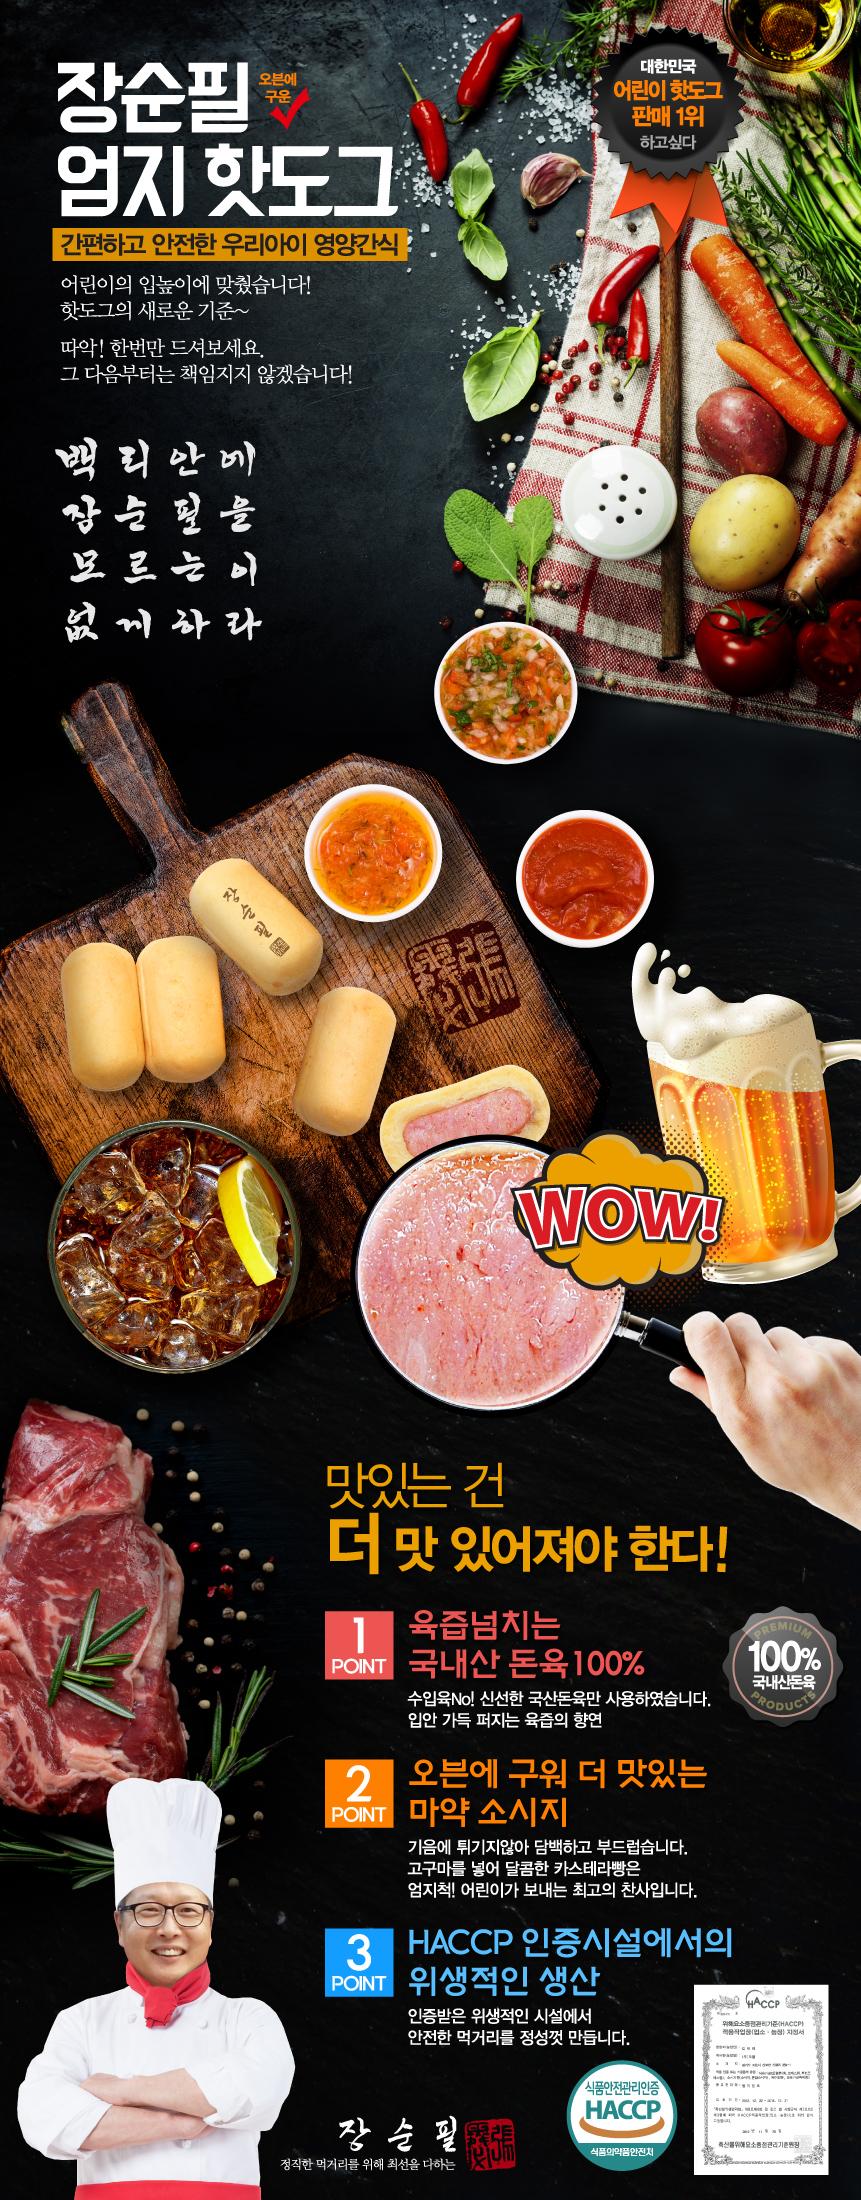 장순필푸드 아이들간식 엄지핫도그 1봉 (400g)12,000원-애드커머스주방/푸드, 냉동/간편조리식품, 간편조리식품, 피자/핫도그/햄버거바보사랑장순필푸드 아이들간식 엄지핫도그 1봉 (400g)12,000원-애드커머스주방/푸드, 냉동/간편조리식품, 간편조리식품, 피자/핫도그/햄버거바보사랑